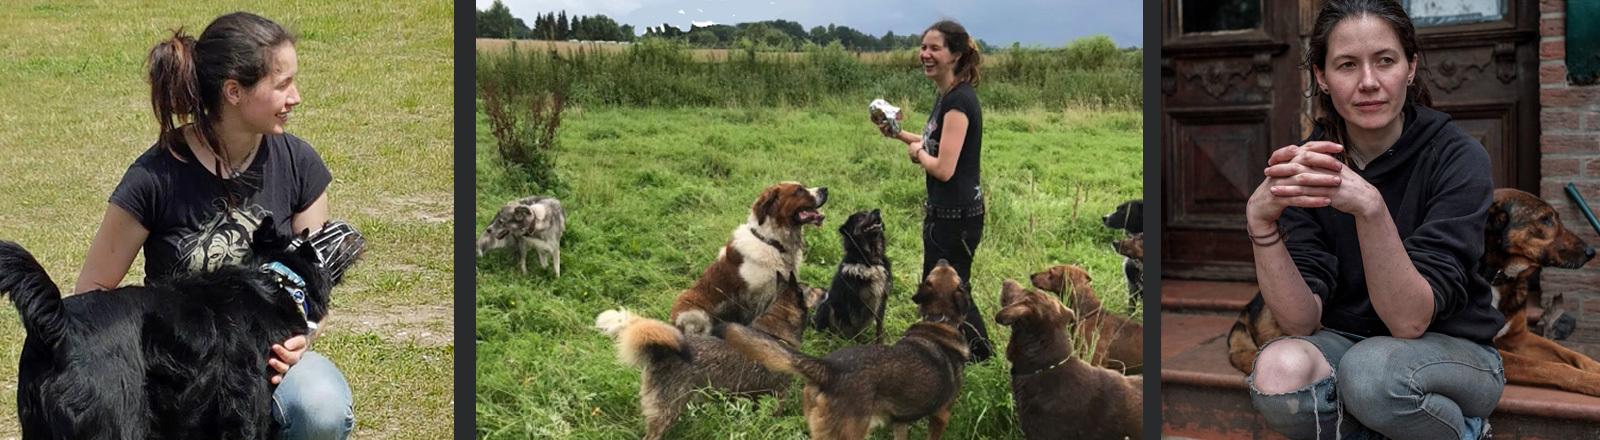 Vanessa Bokr mit schwer erziehbaren Hunden.